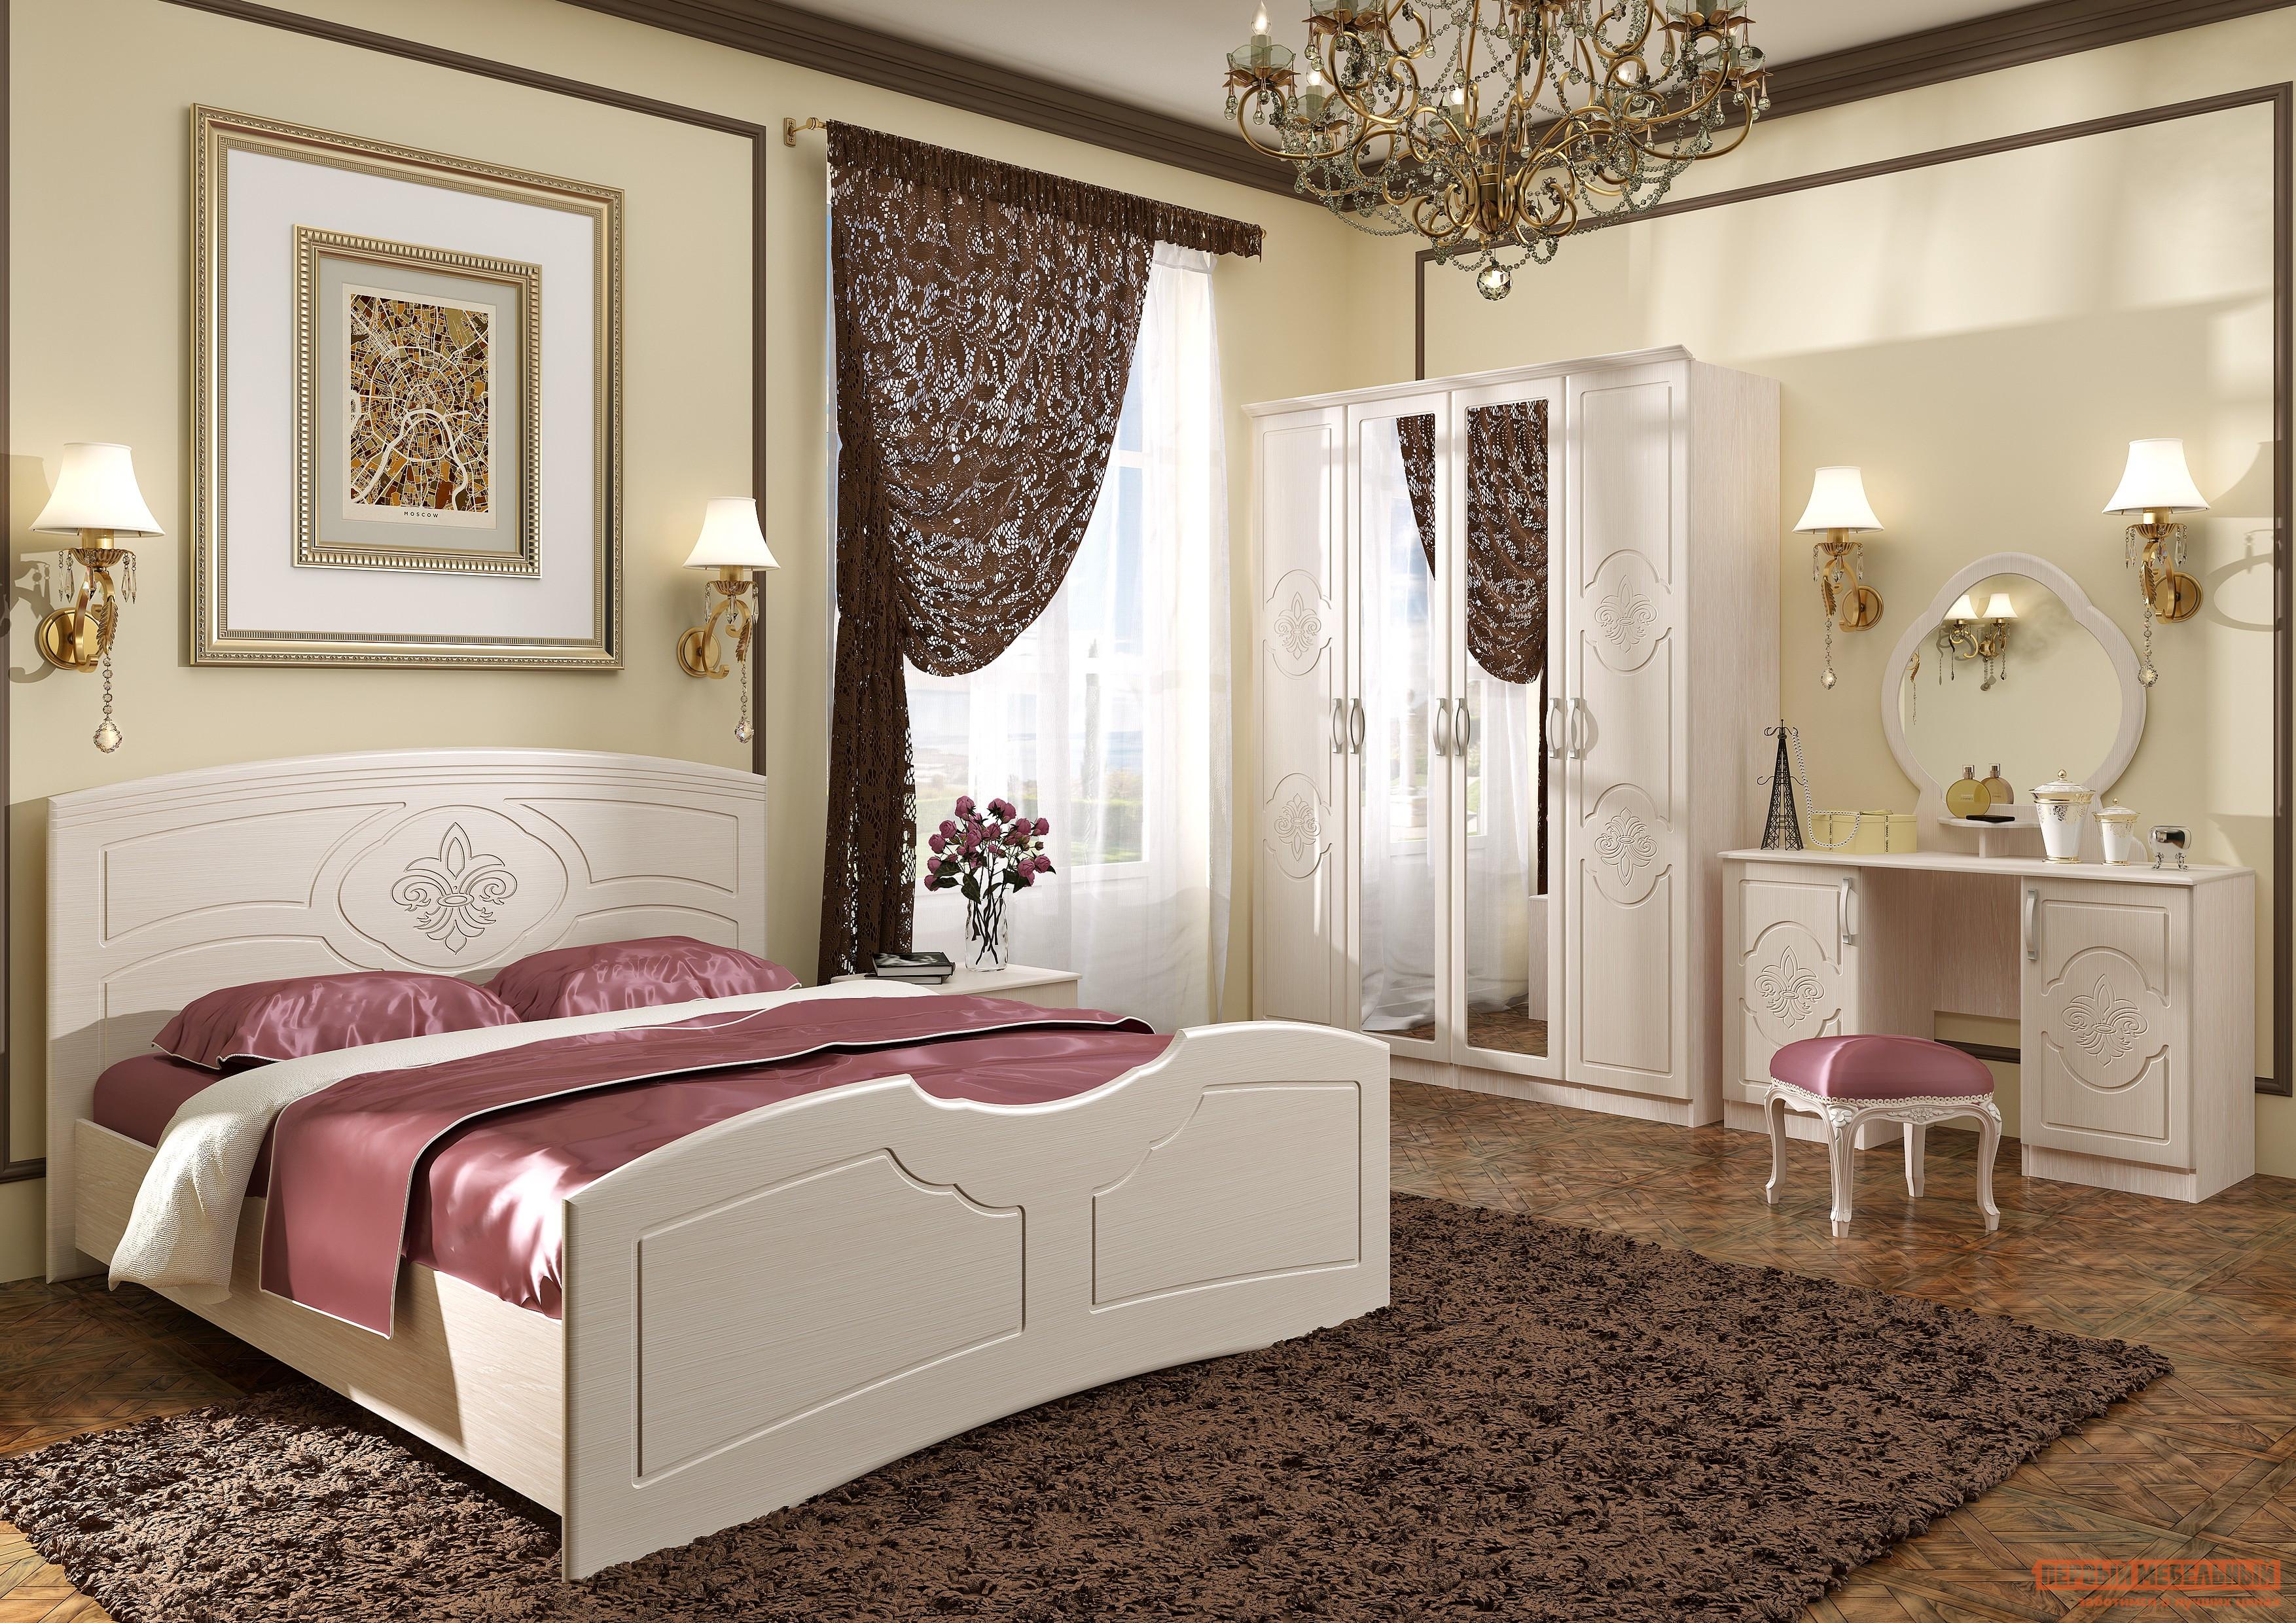 Спальный гарнитур Первый Мебельный Спальня Лилия